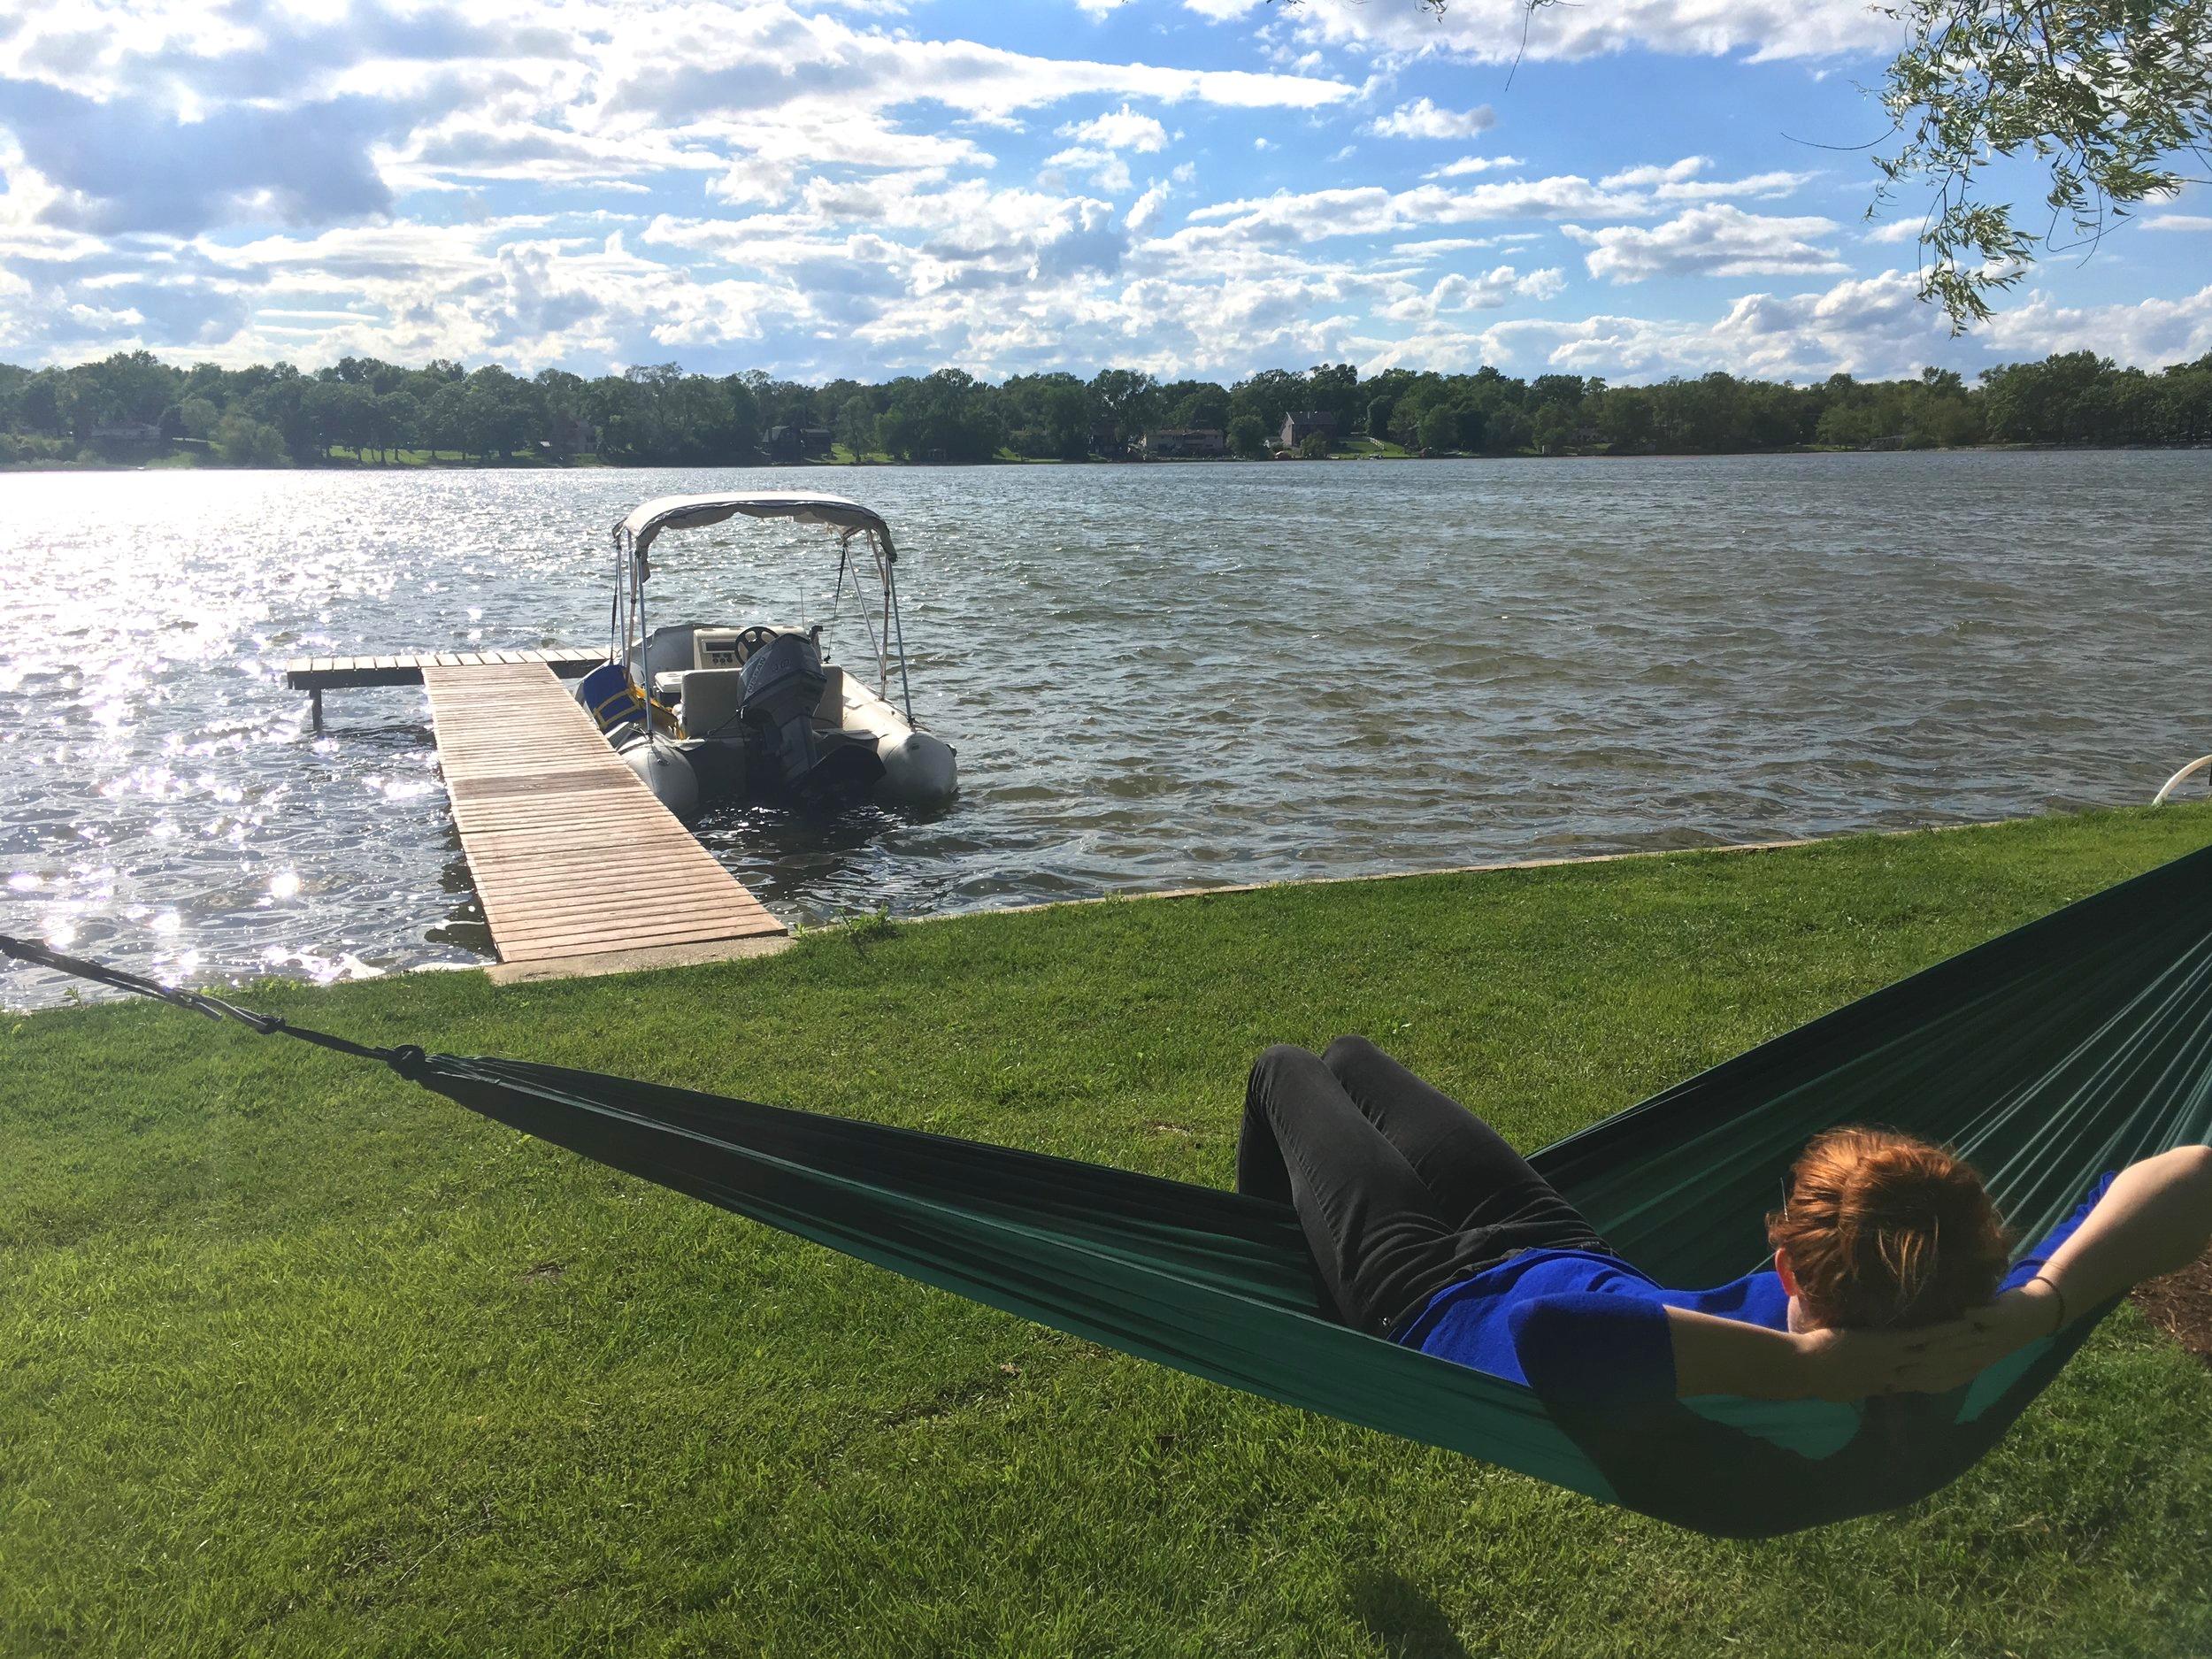 girl relaxing in hammock at lake